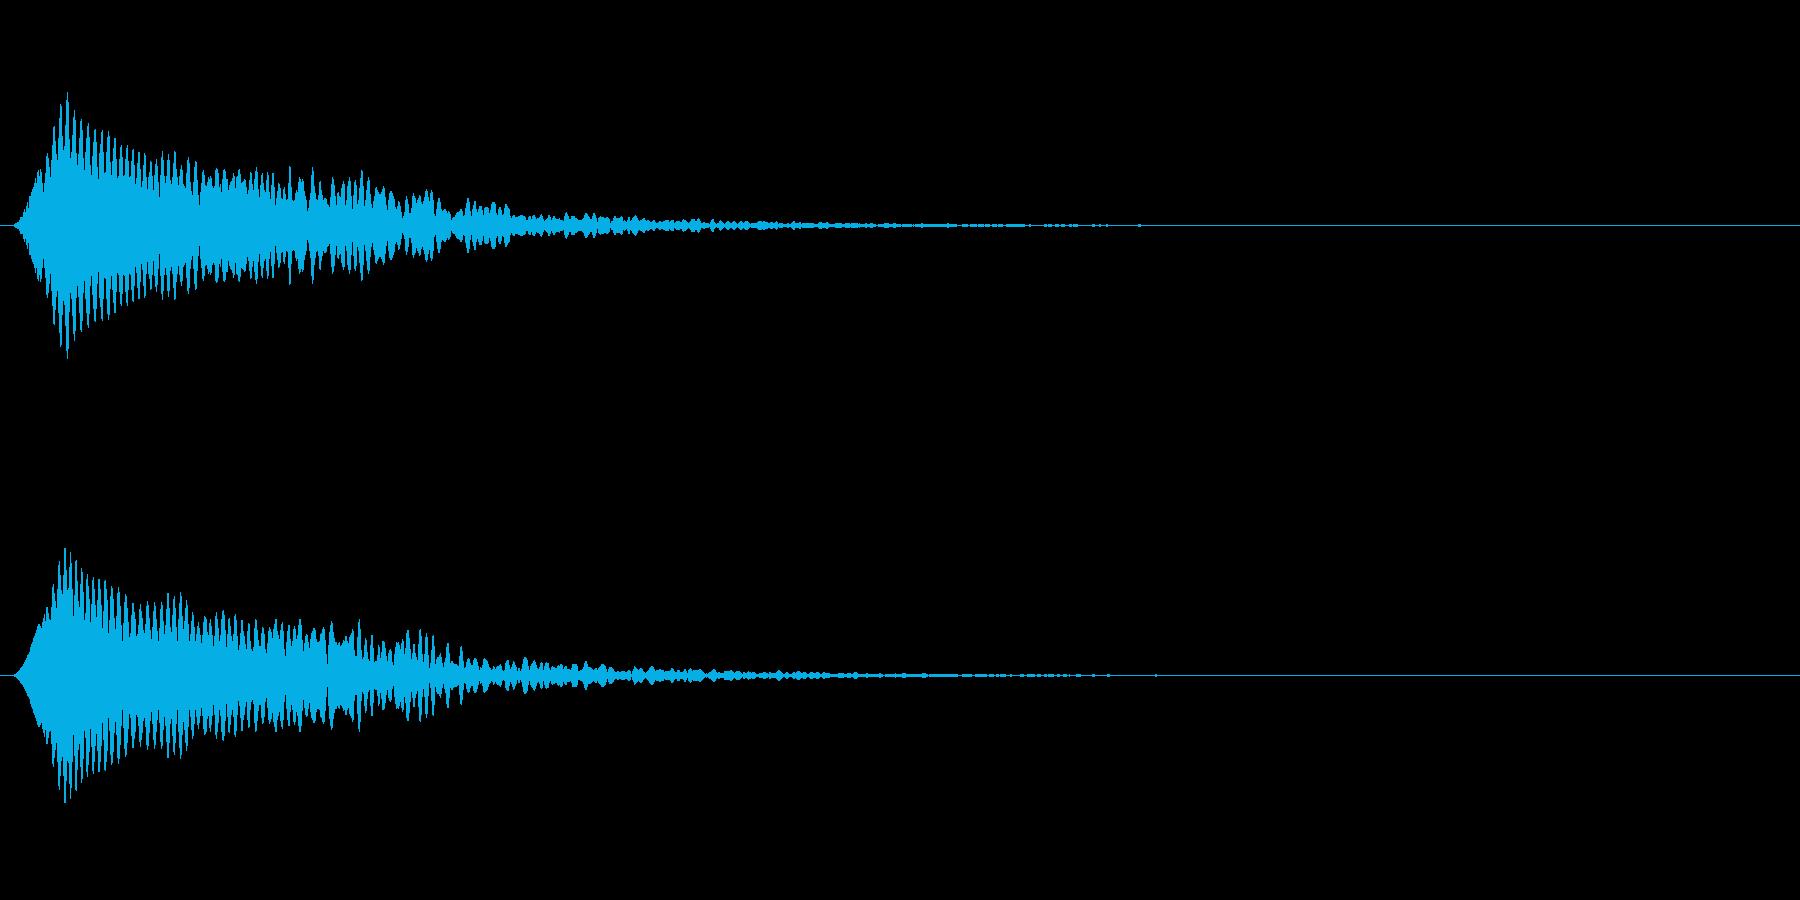 光る音 ピキーンの再生済みの波形